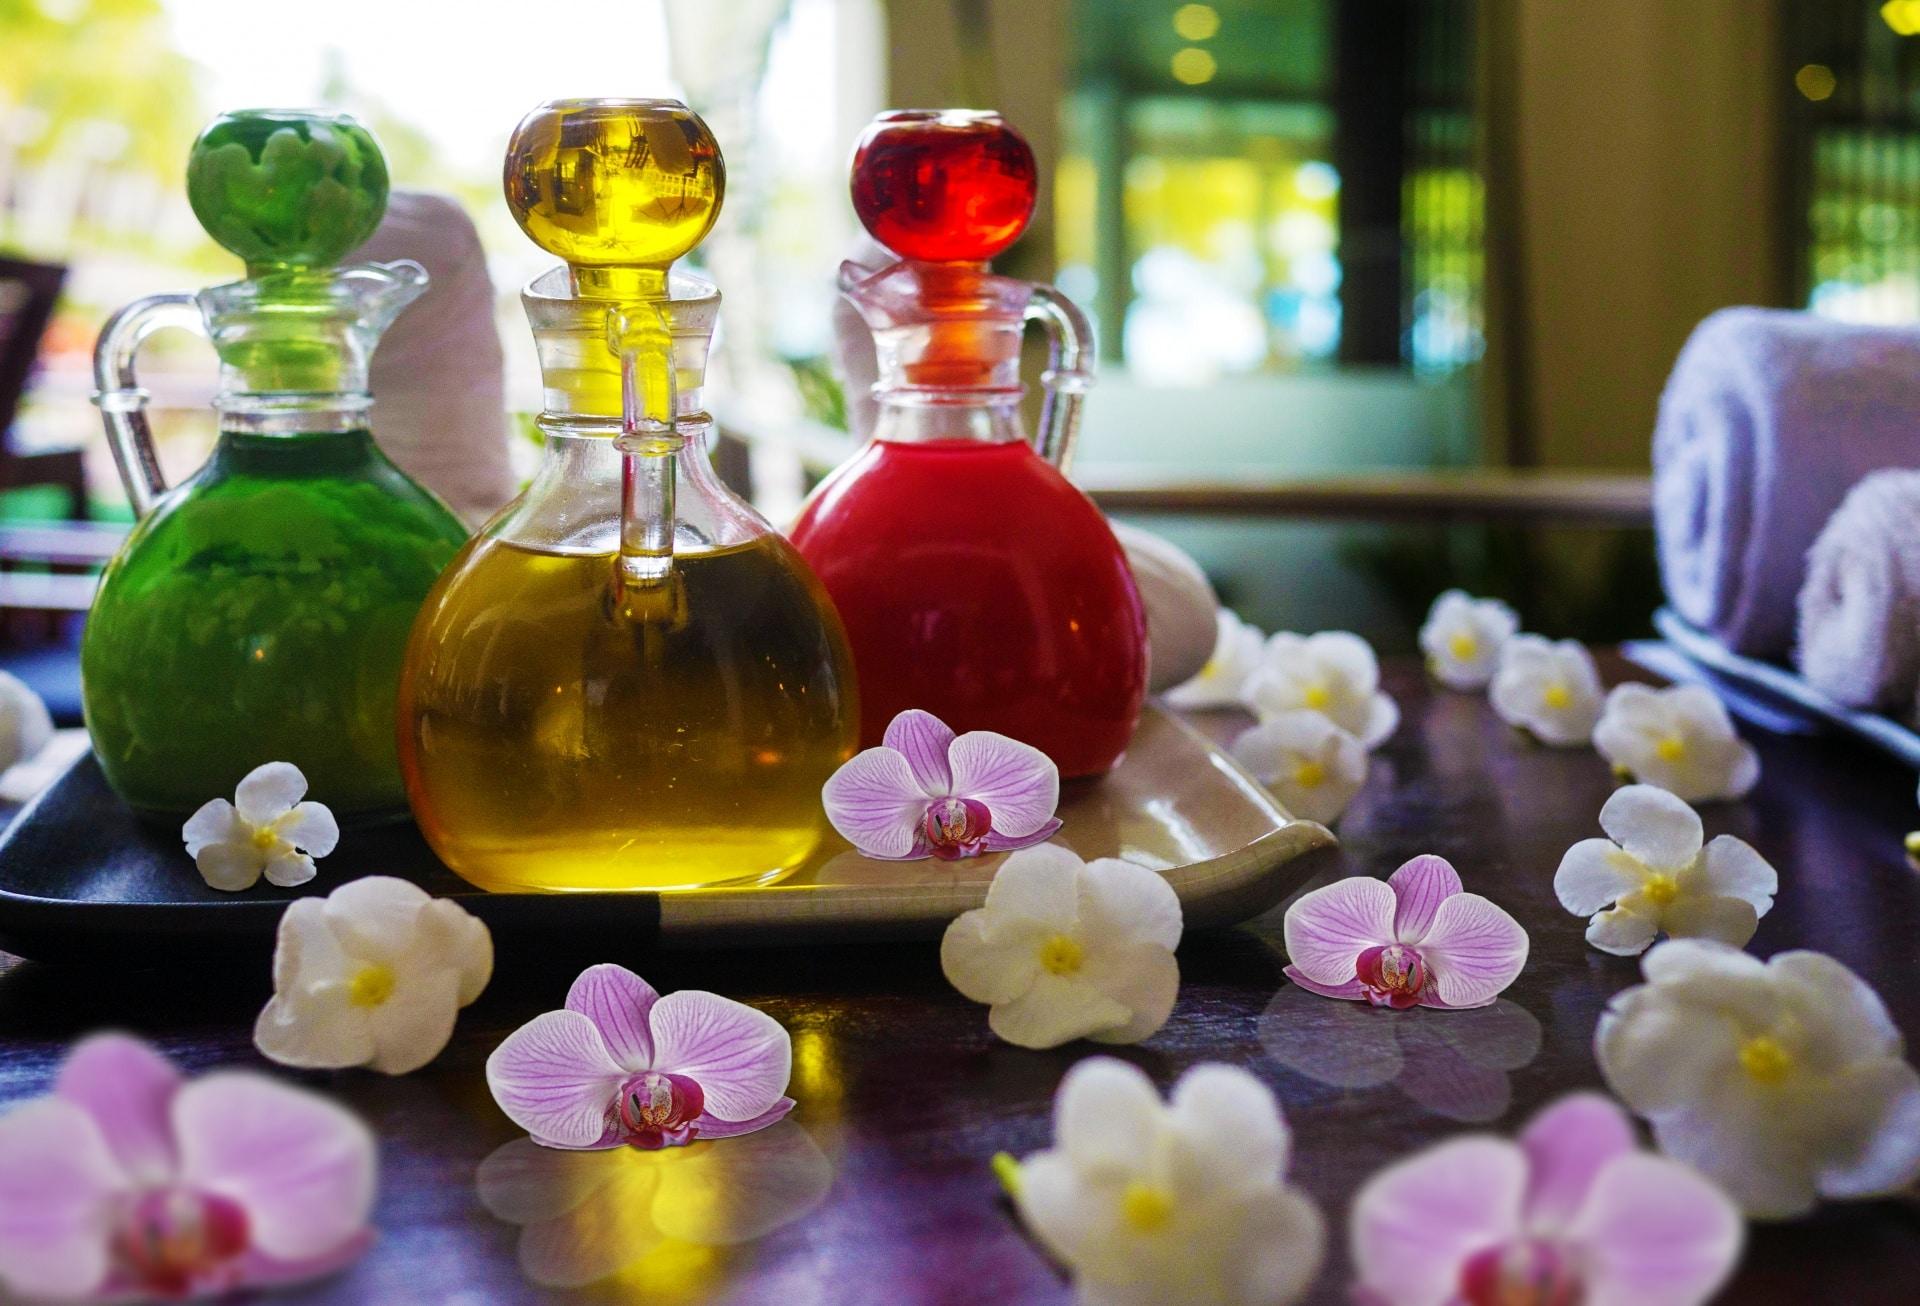 huile essentiel pour les sinus